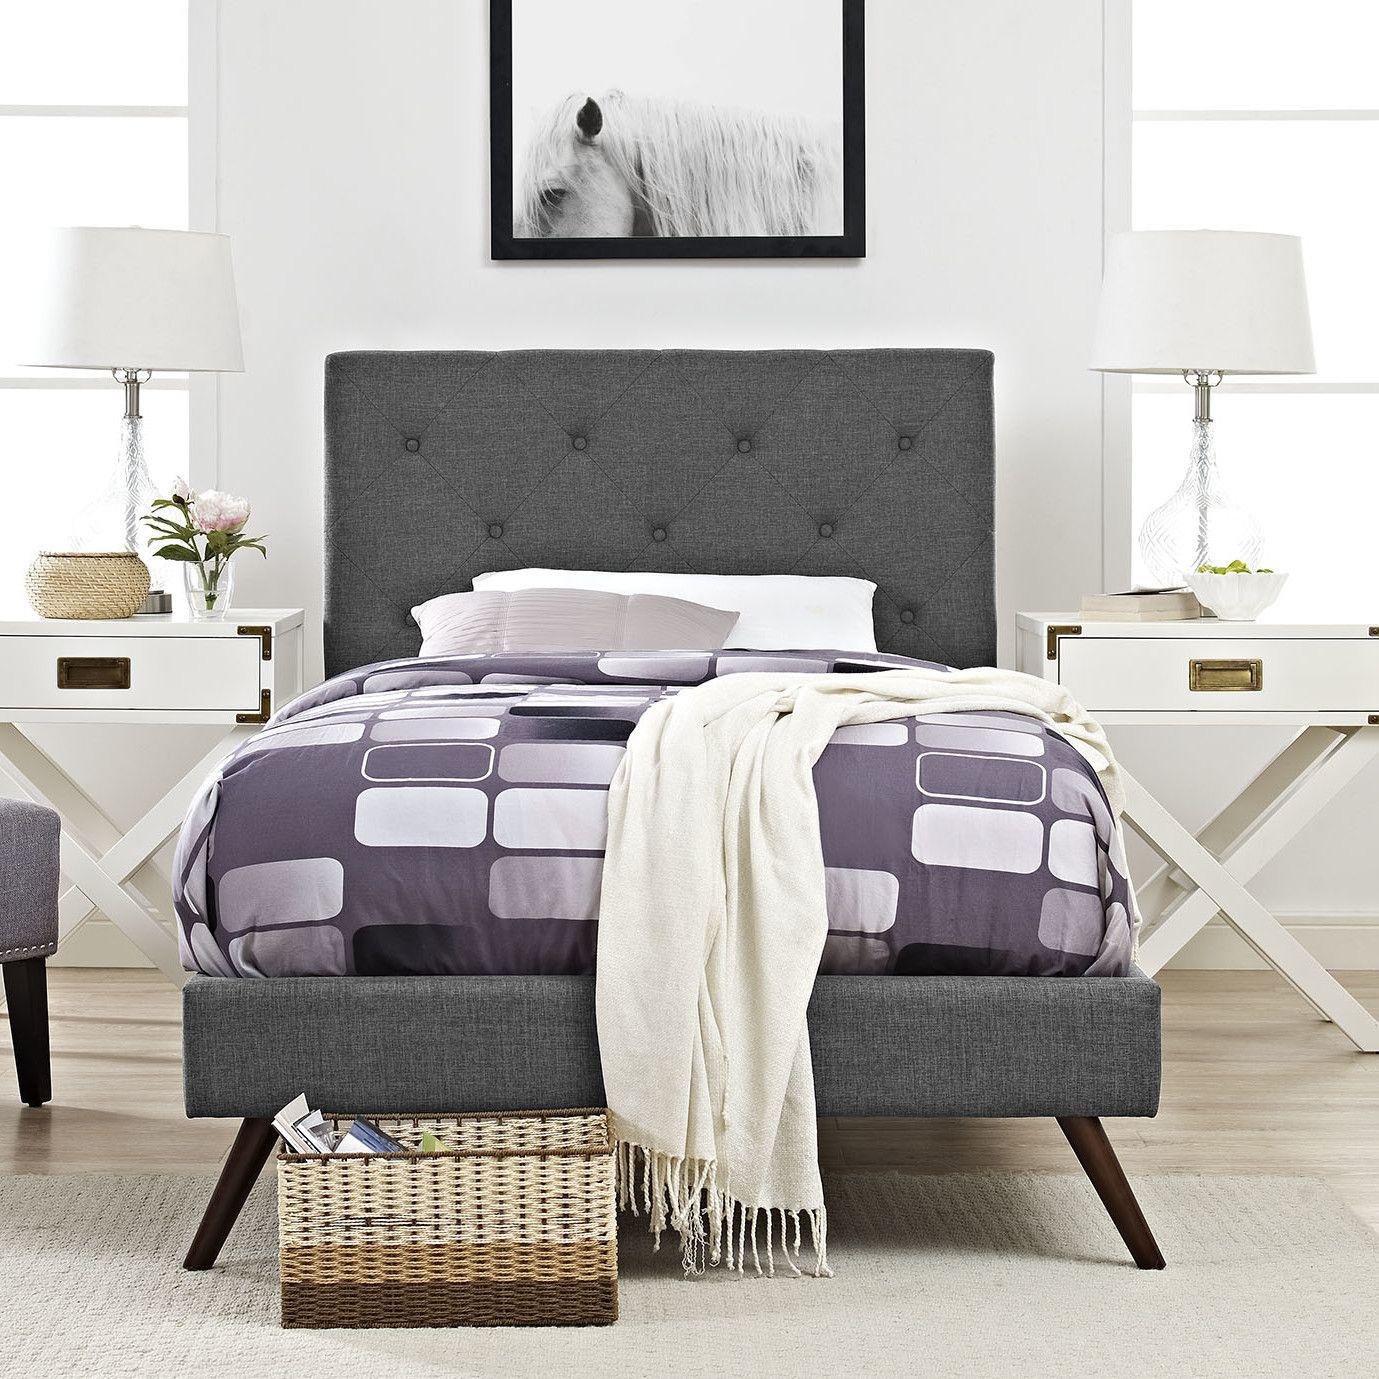 Terisa Upholstered Platform Bed Furniture, Upholstered